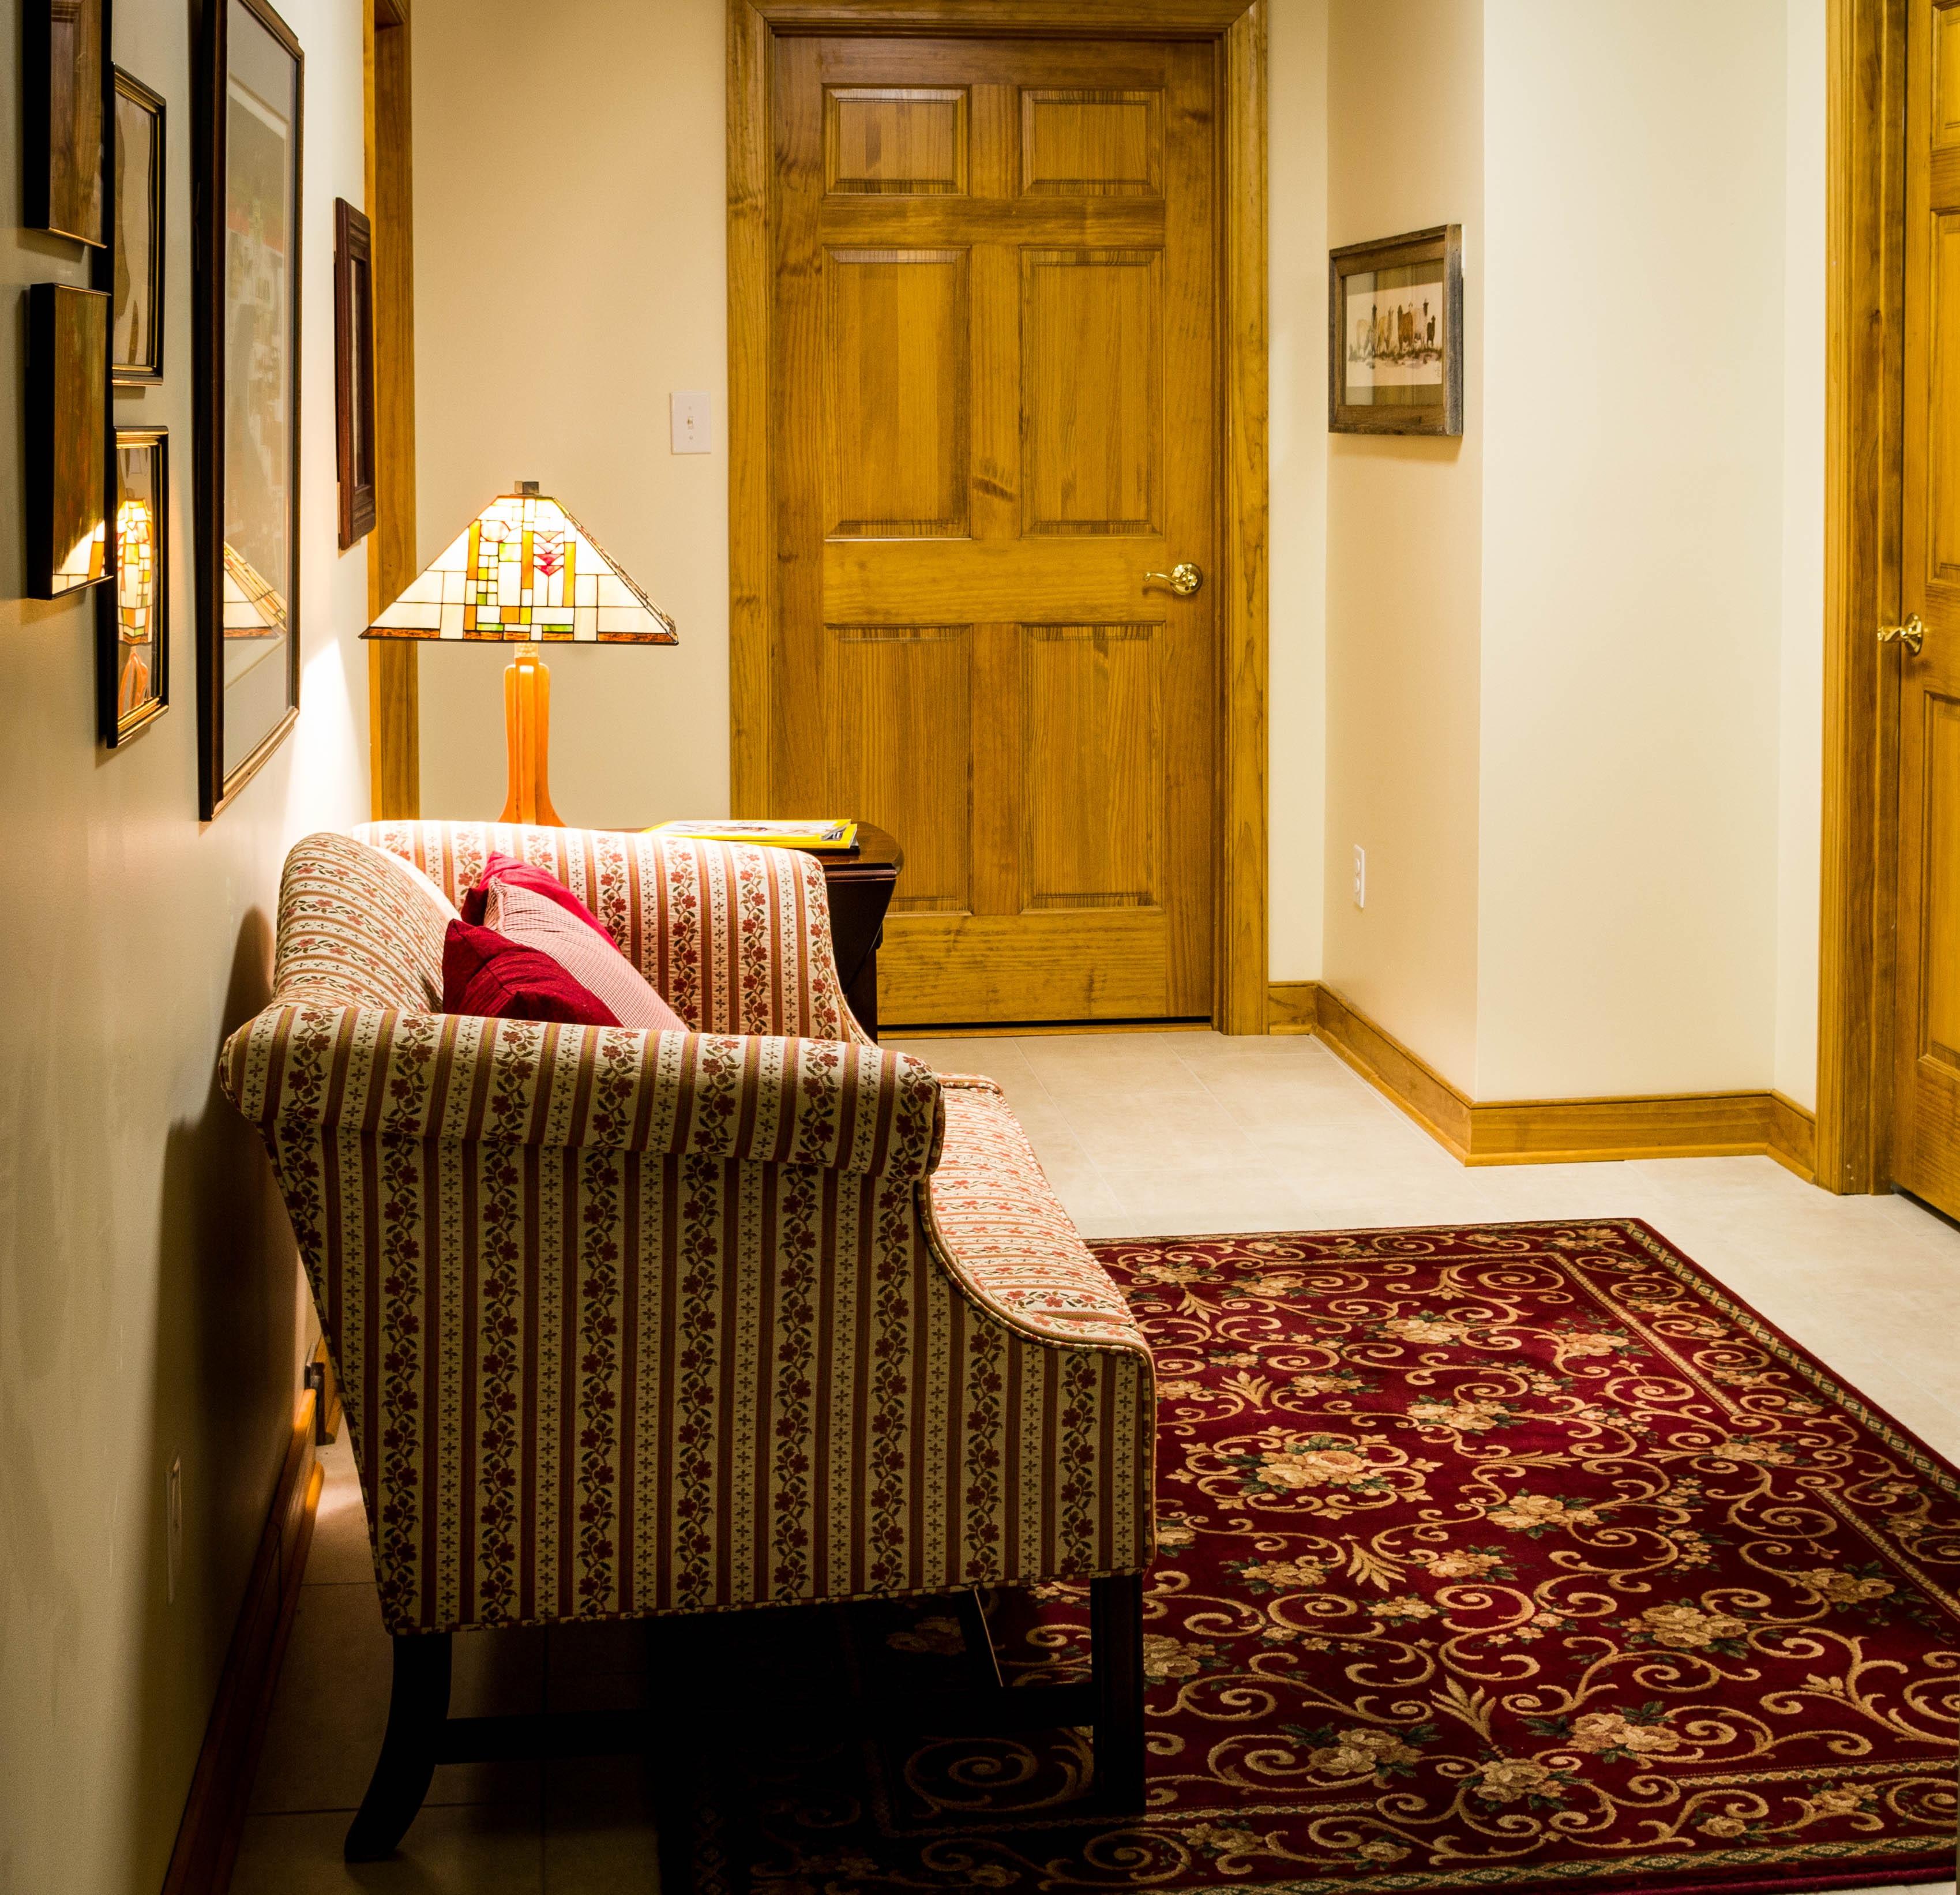 Gambar Rumah Lantai Aula Pondok Milik Ruang Keluarga Mebel